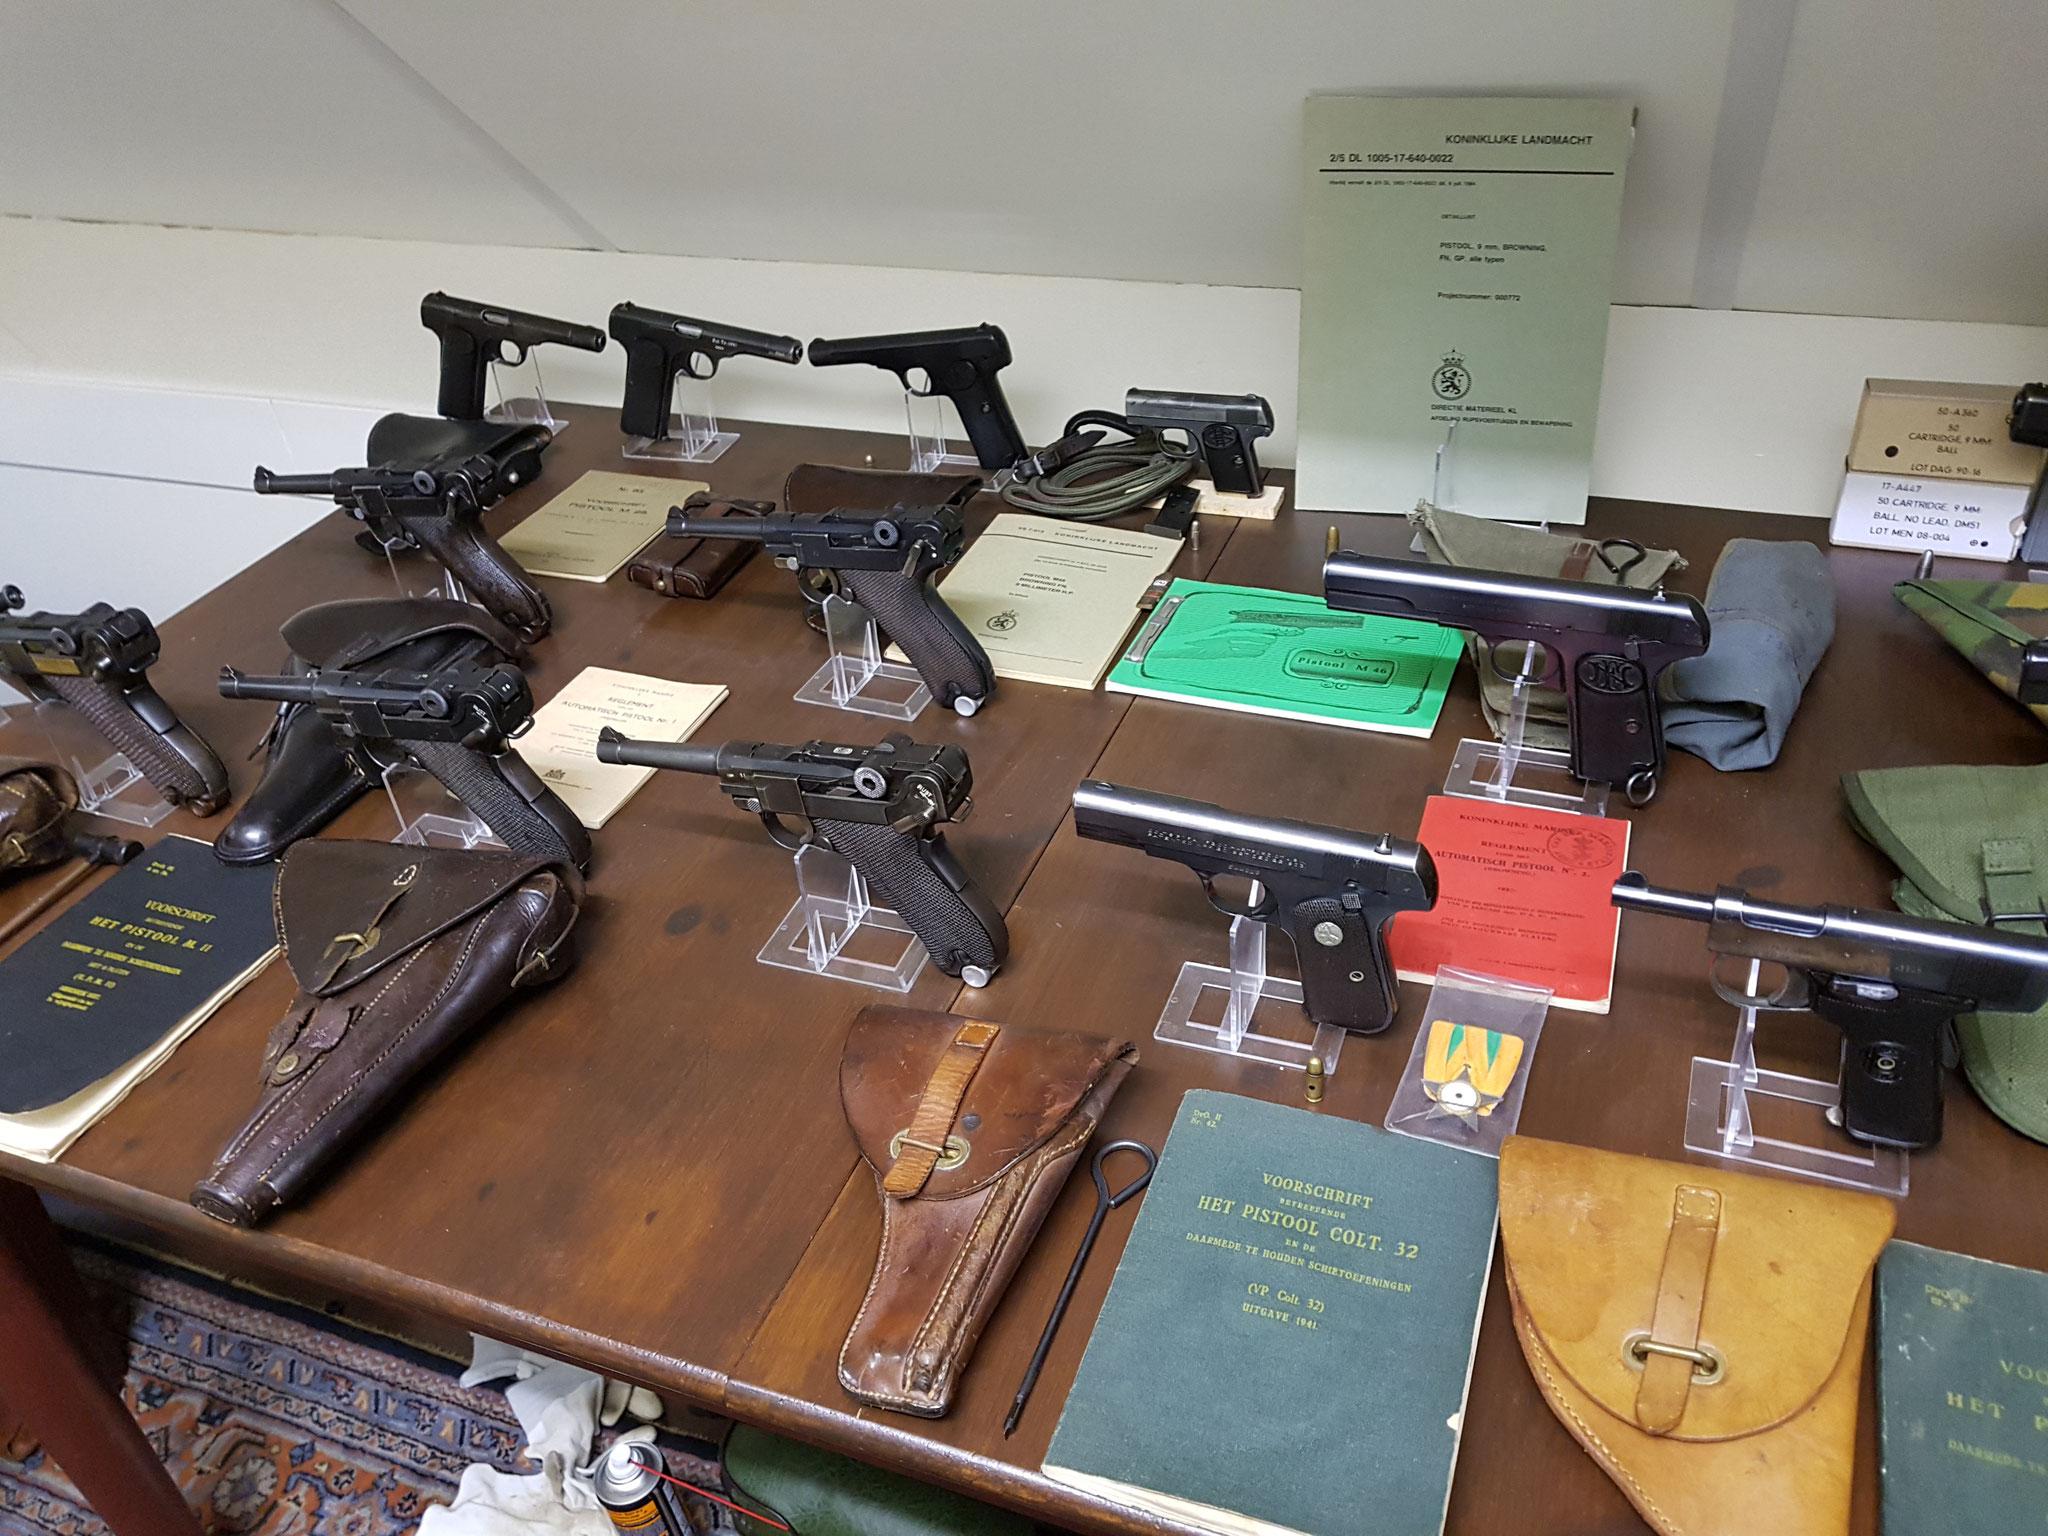 vuistvuurwapens met boekjes...